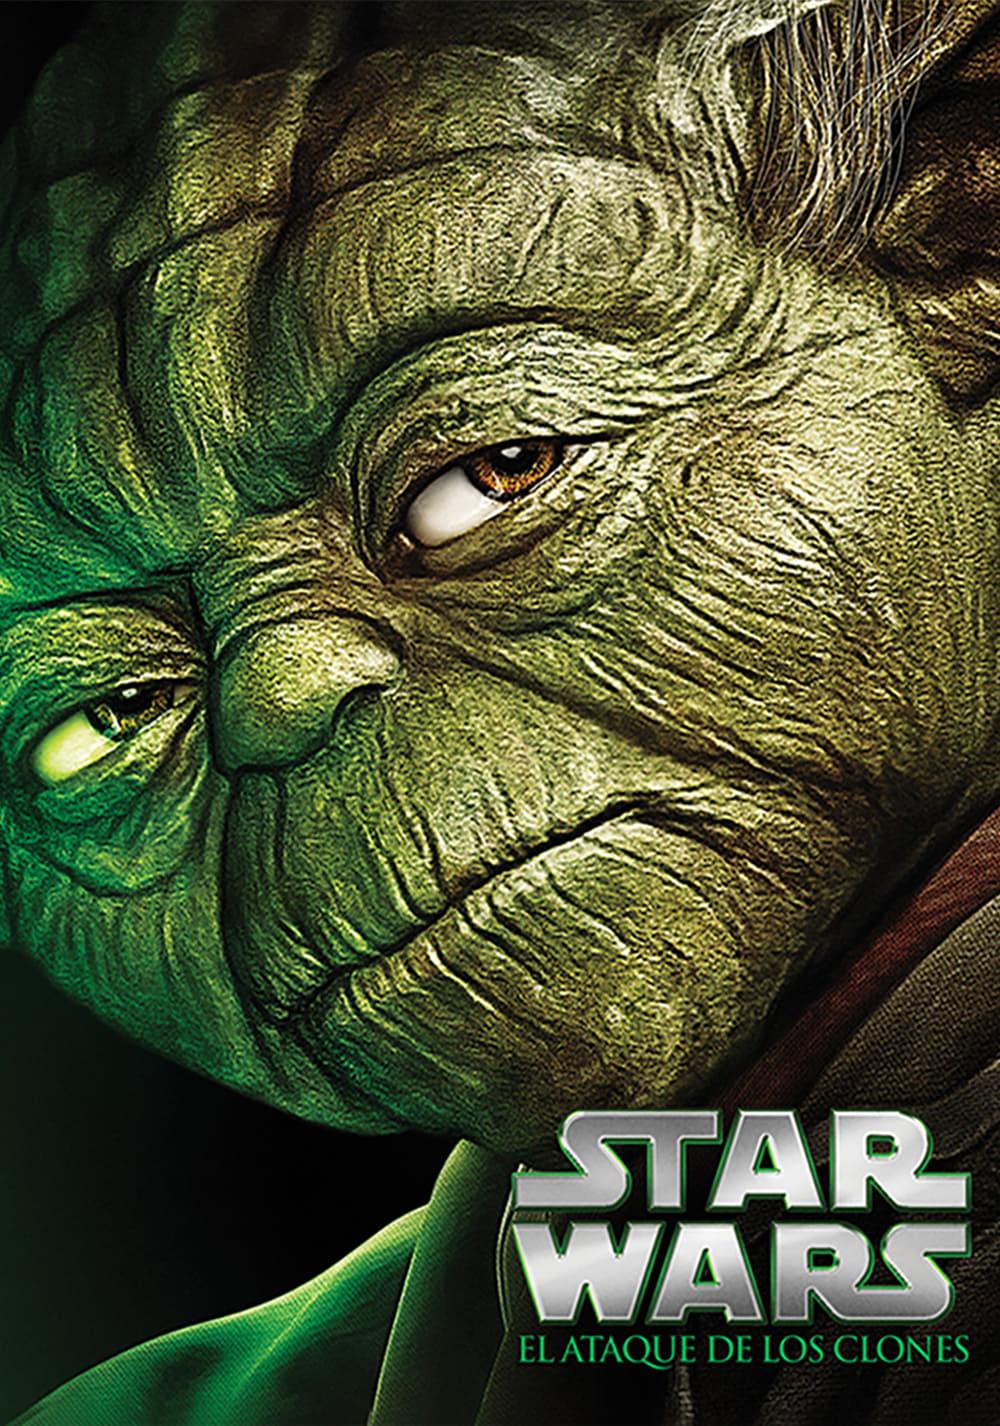 Pelicula La Guerra de las Galaxias. Episodio 2: El Ataque de los Clones (2002) HD 1080P LATINO/INGLES Online imagen